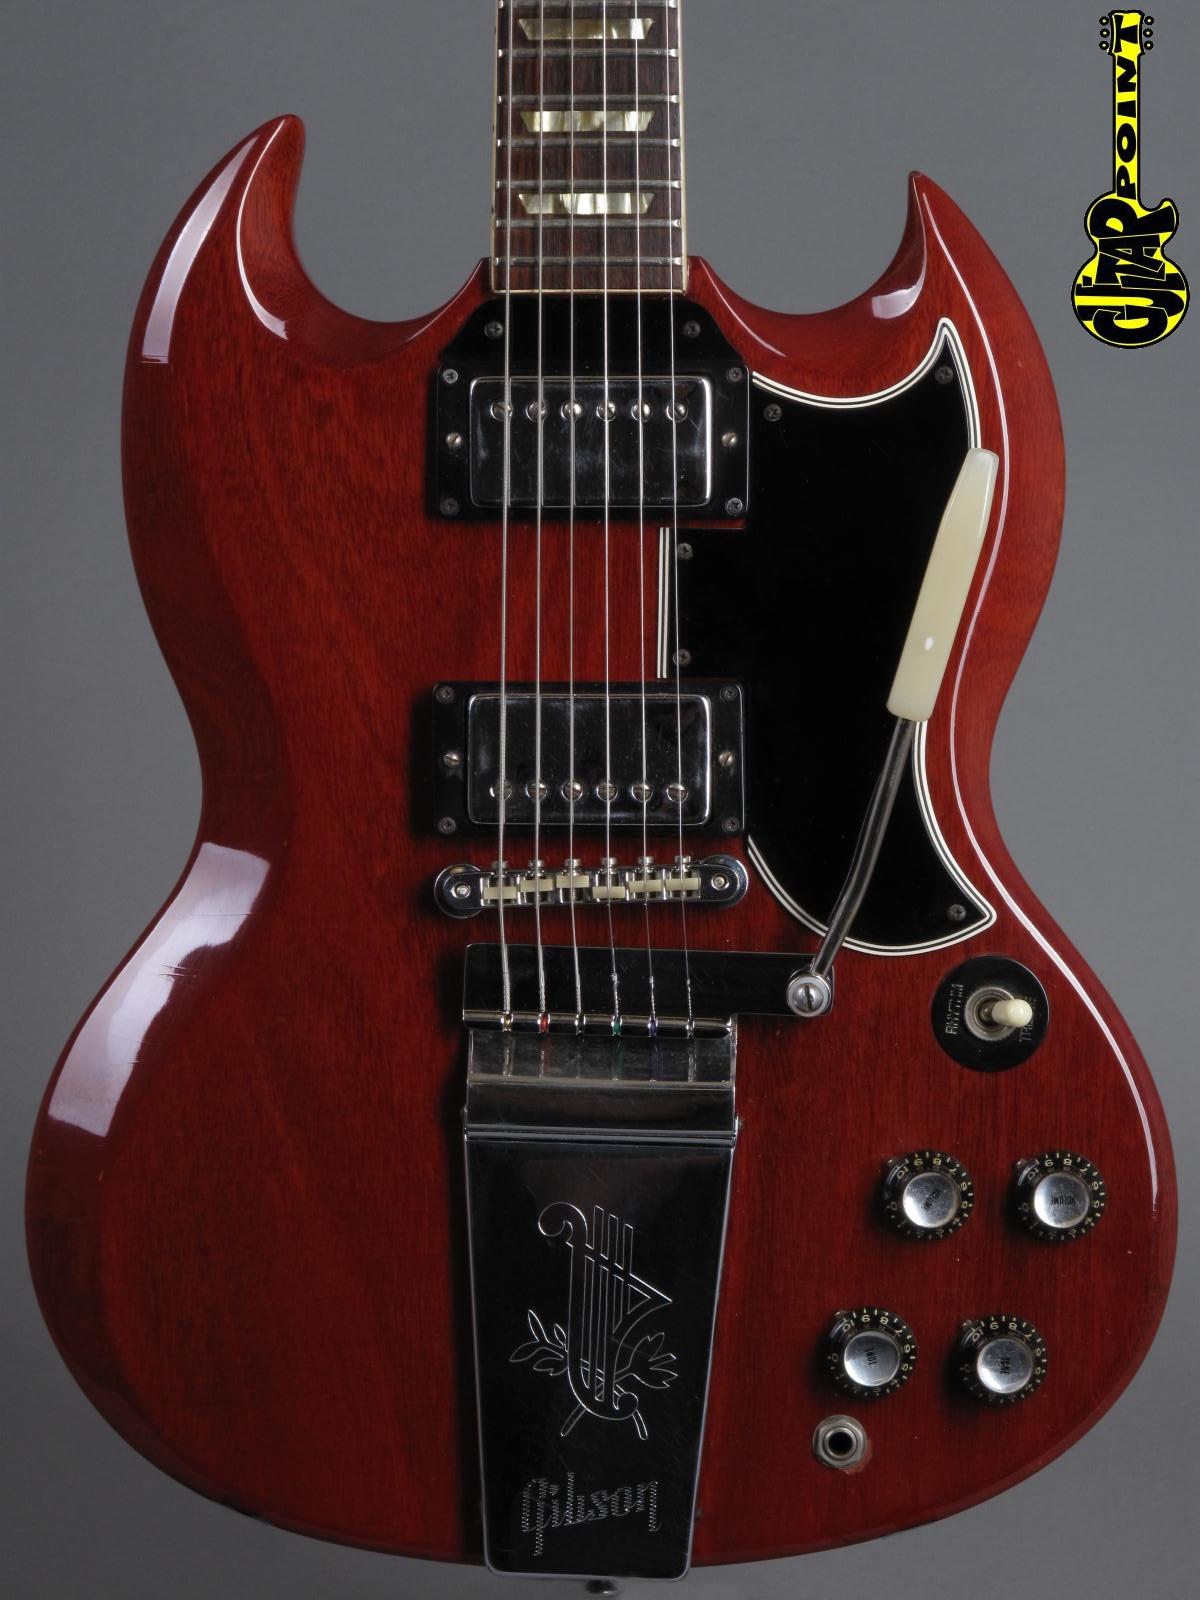 1965 Gibson SG Standard - Cherry   ...lightweight 3,26Kg!